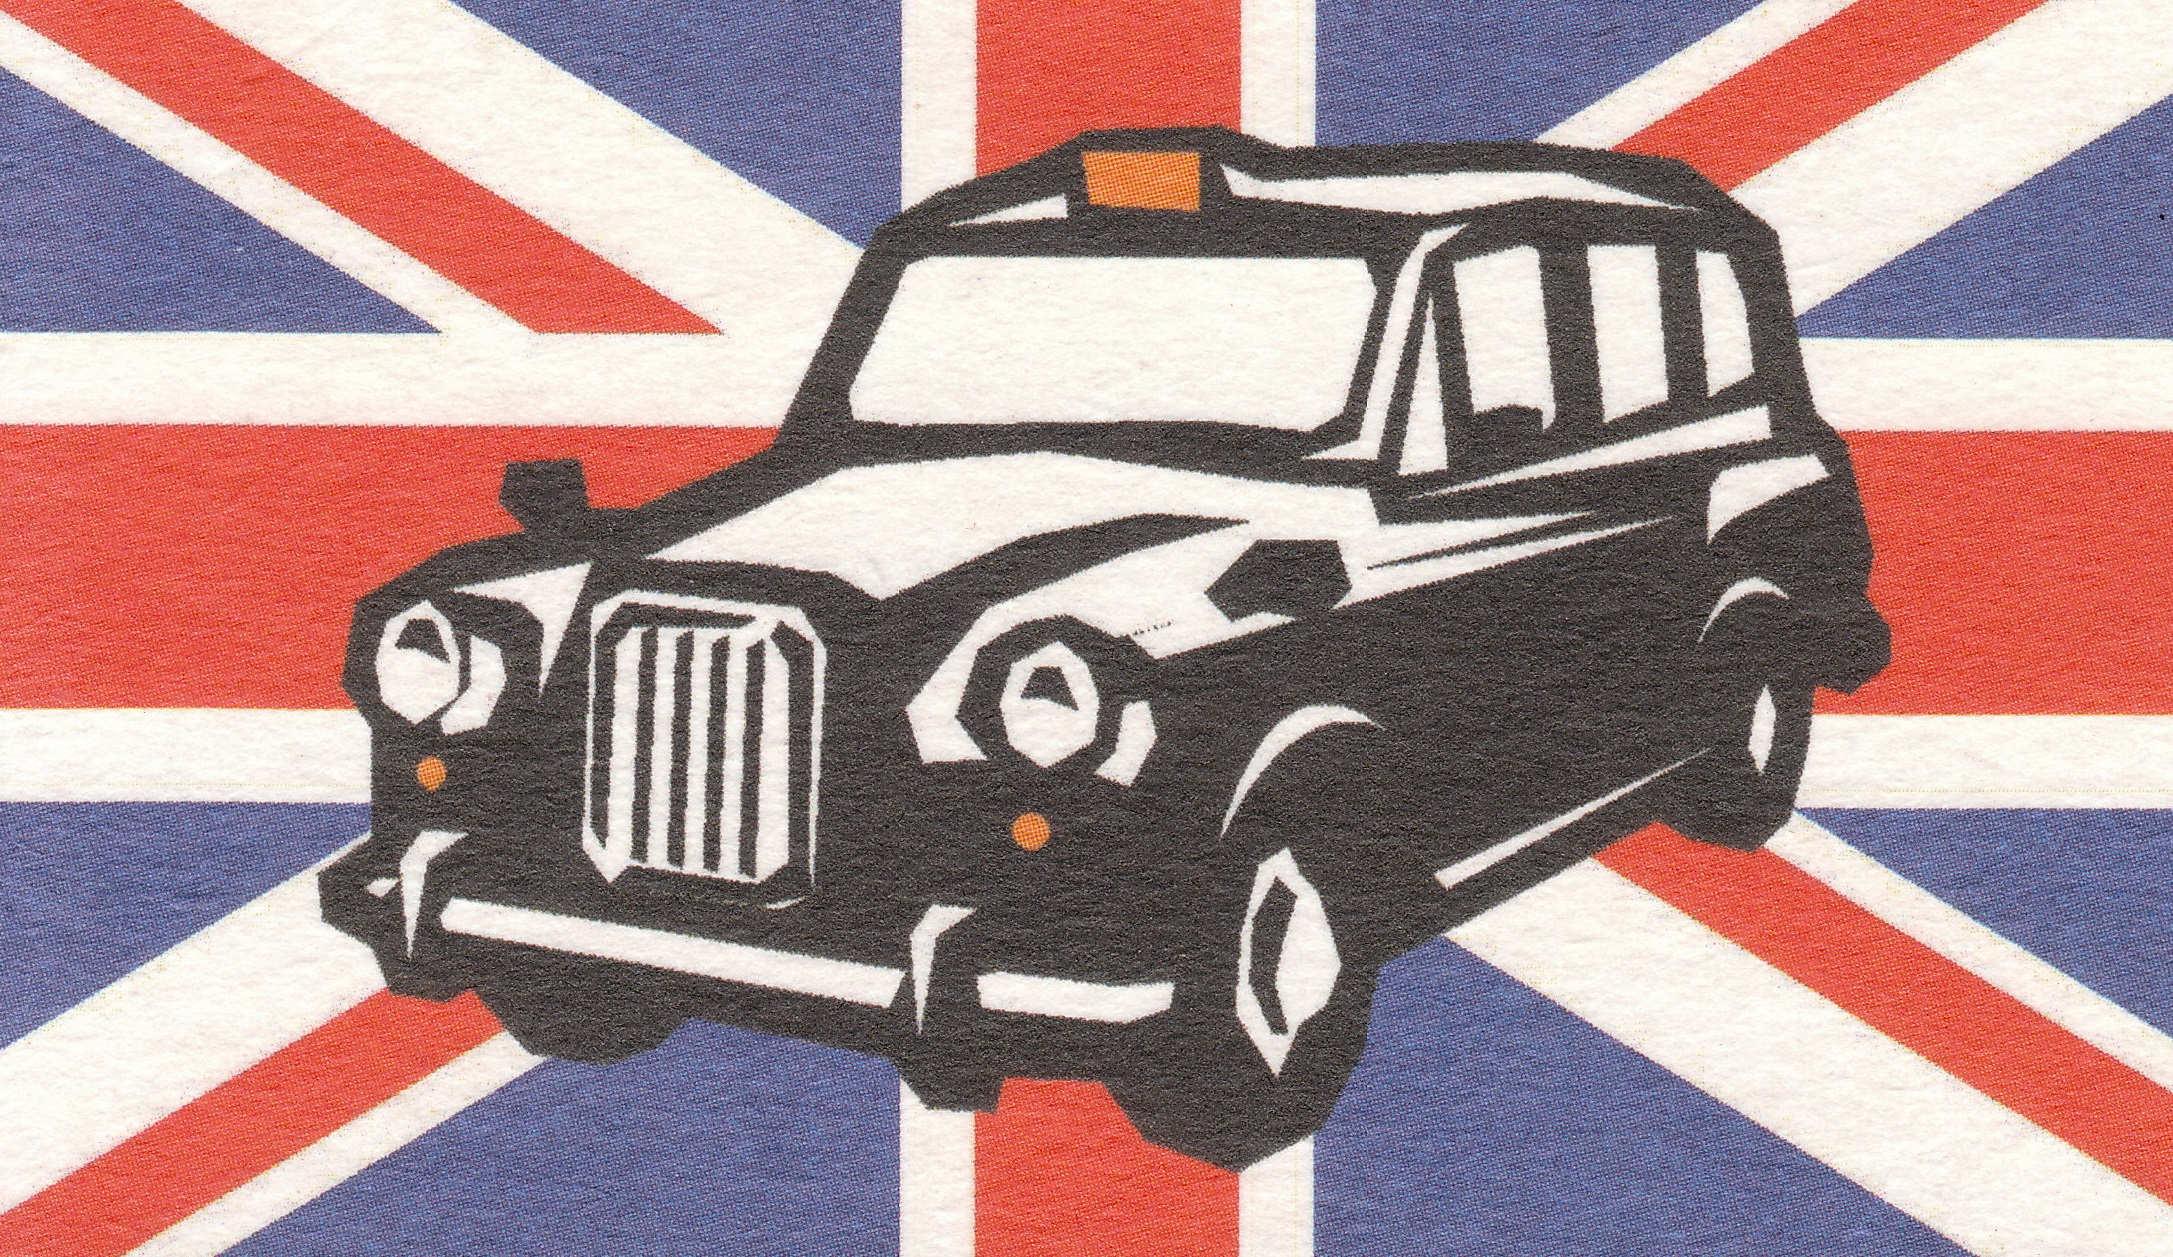 London Taxi Wedding Services logo